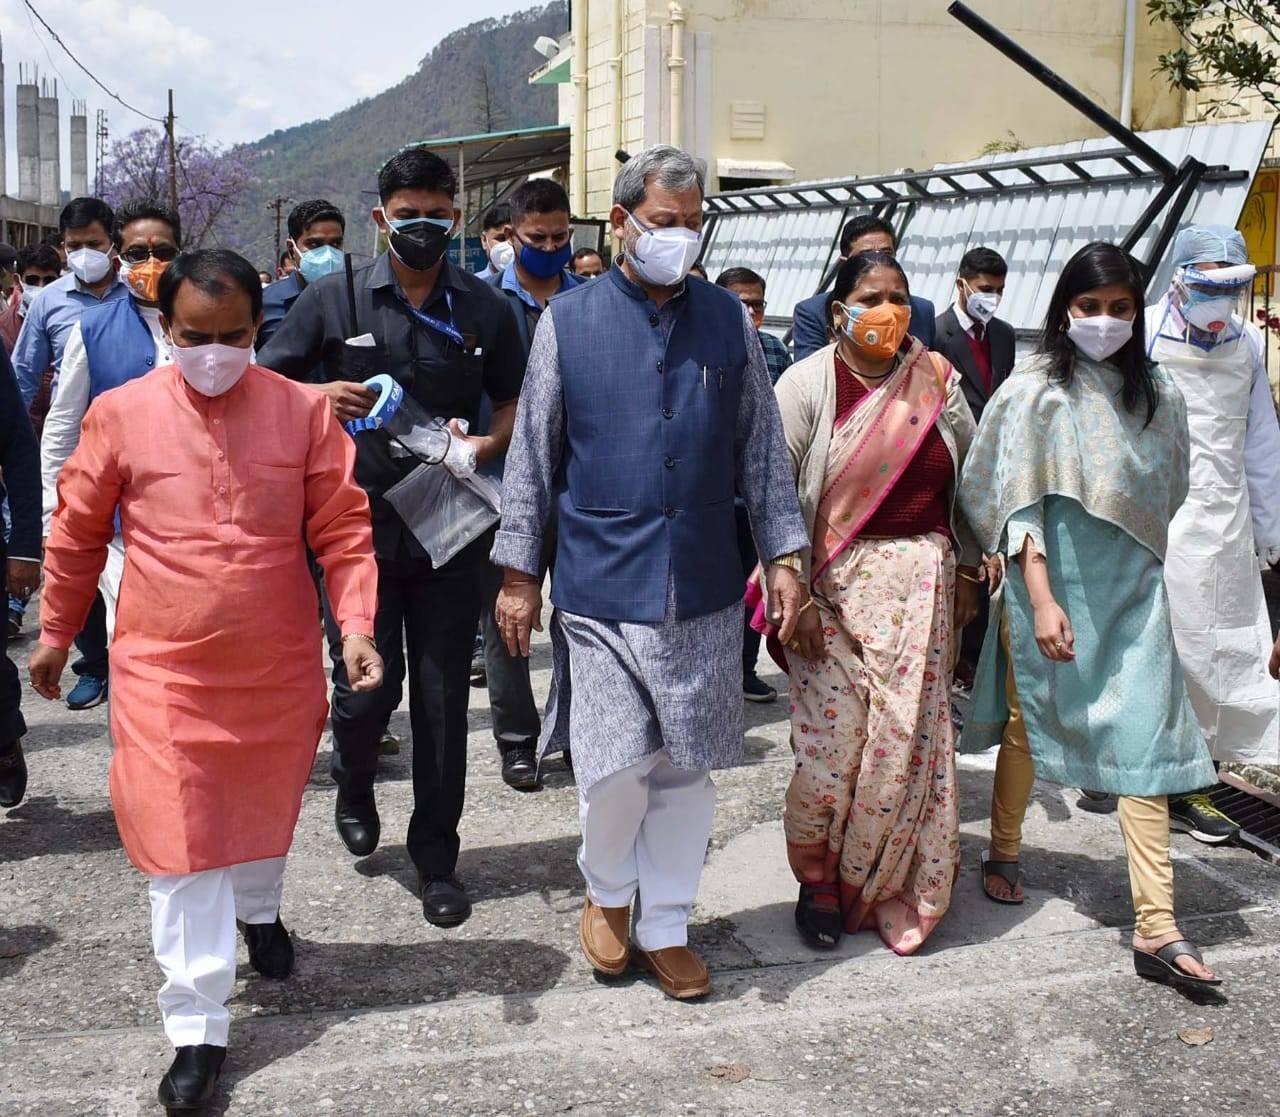 पहाड़ी जिलों के दौरे पर CM तीरथ, इस जिले में दो दिन में लगेगाऑक्सीजन प्लांट